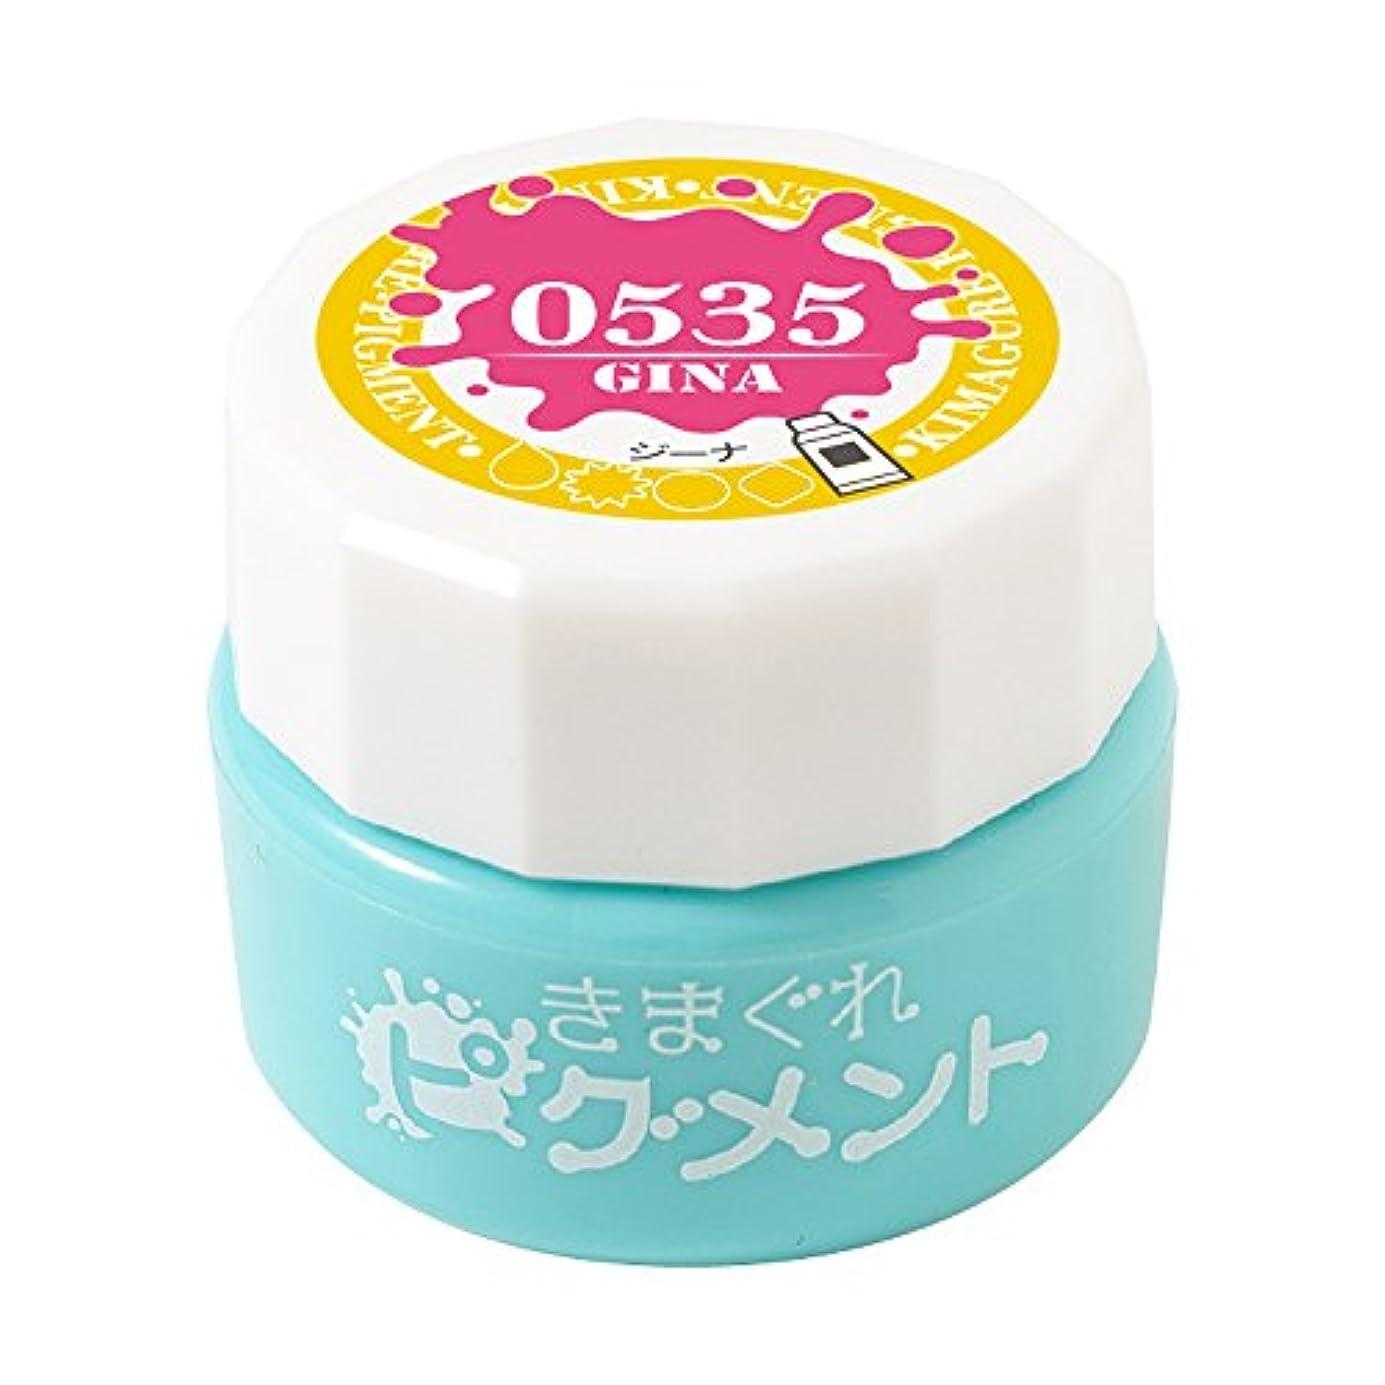 バクテリア差し控える洗うBettygel きまぐれピグメント ジーナ QYJ-0535 4g UV/LED対応